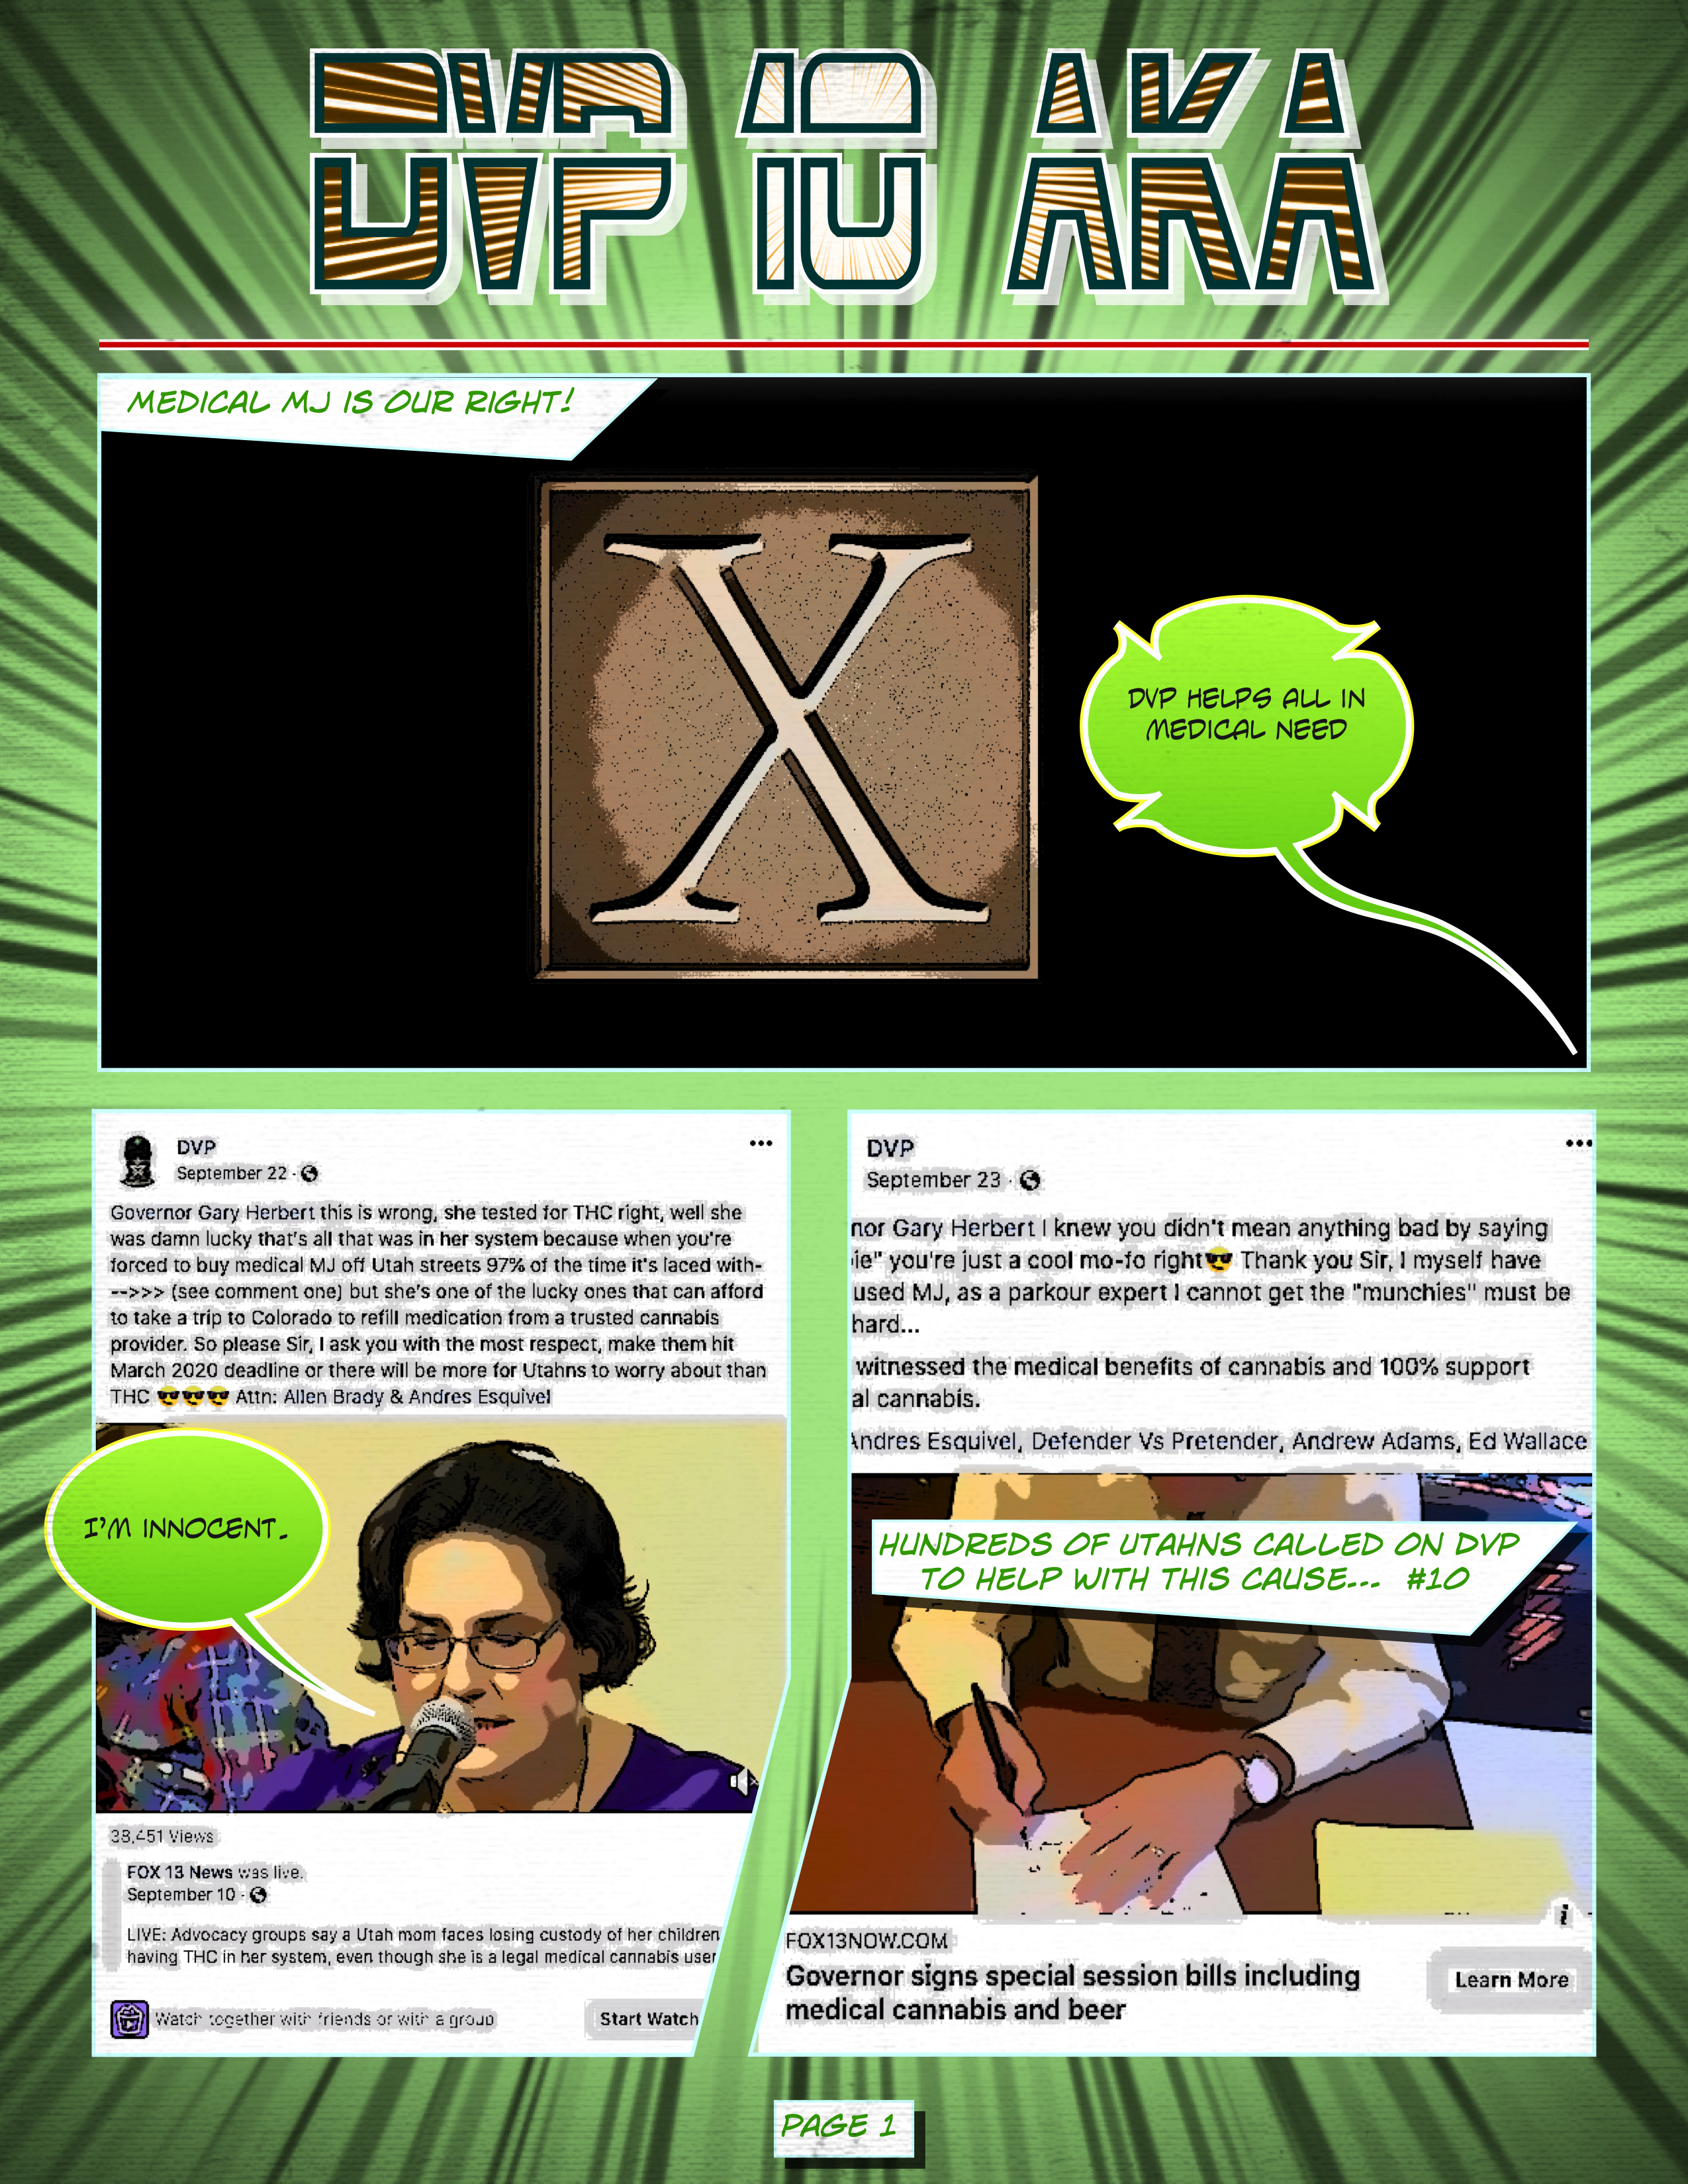 DVP 10 AKA X, Page 01